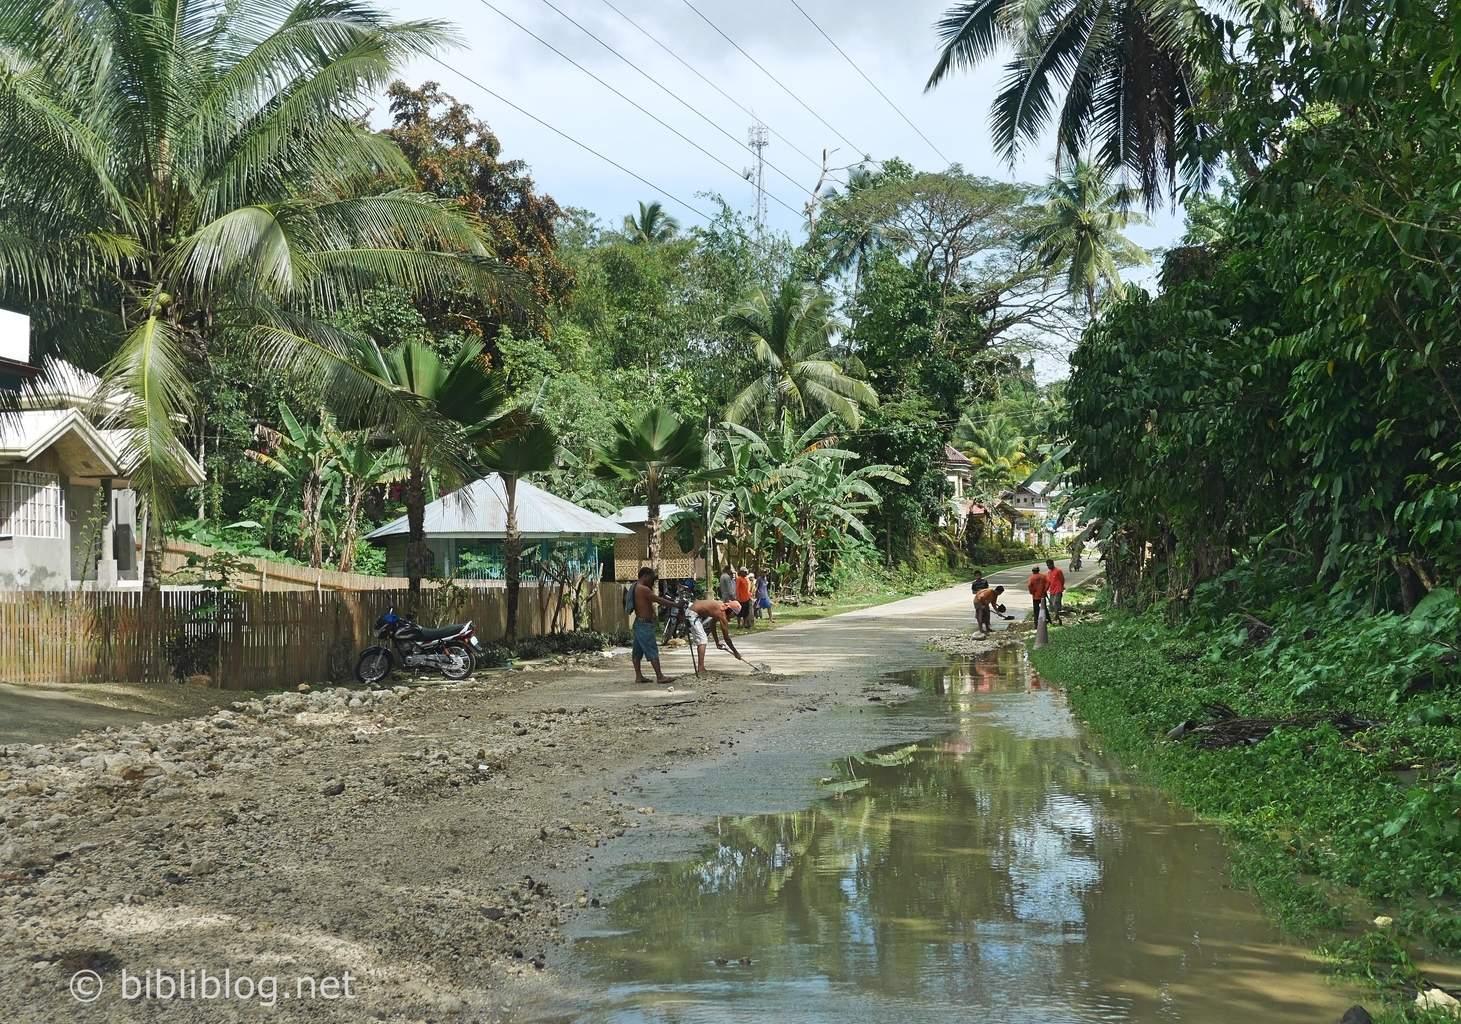 rue-inondation